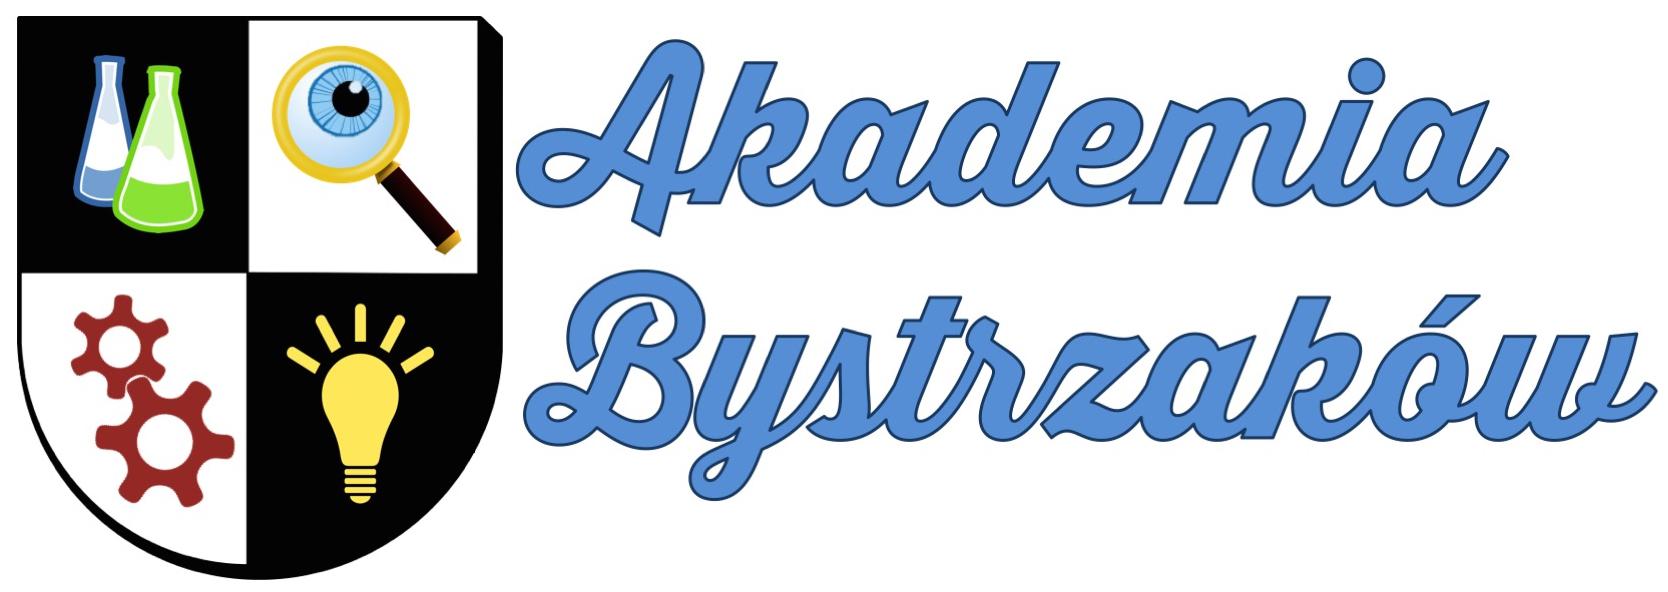 akademia_mystrzaków_logo